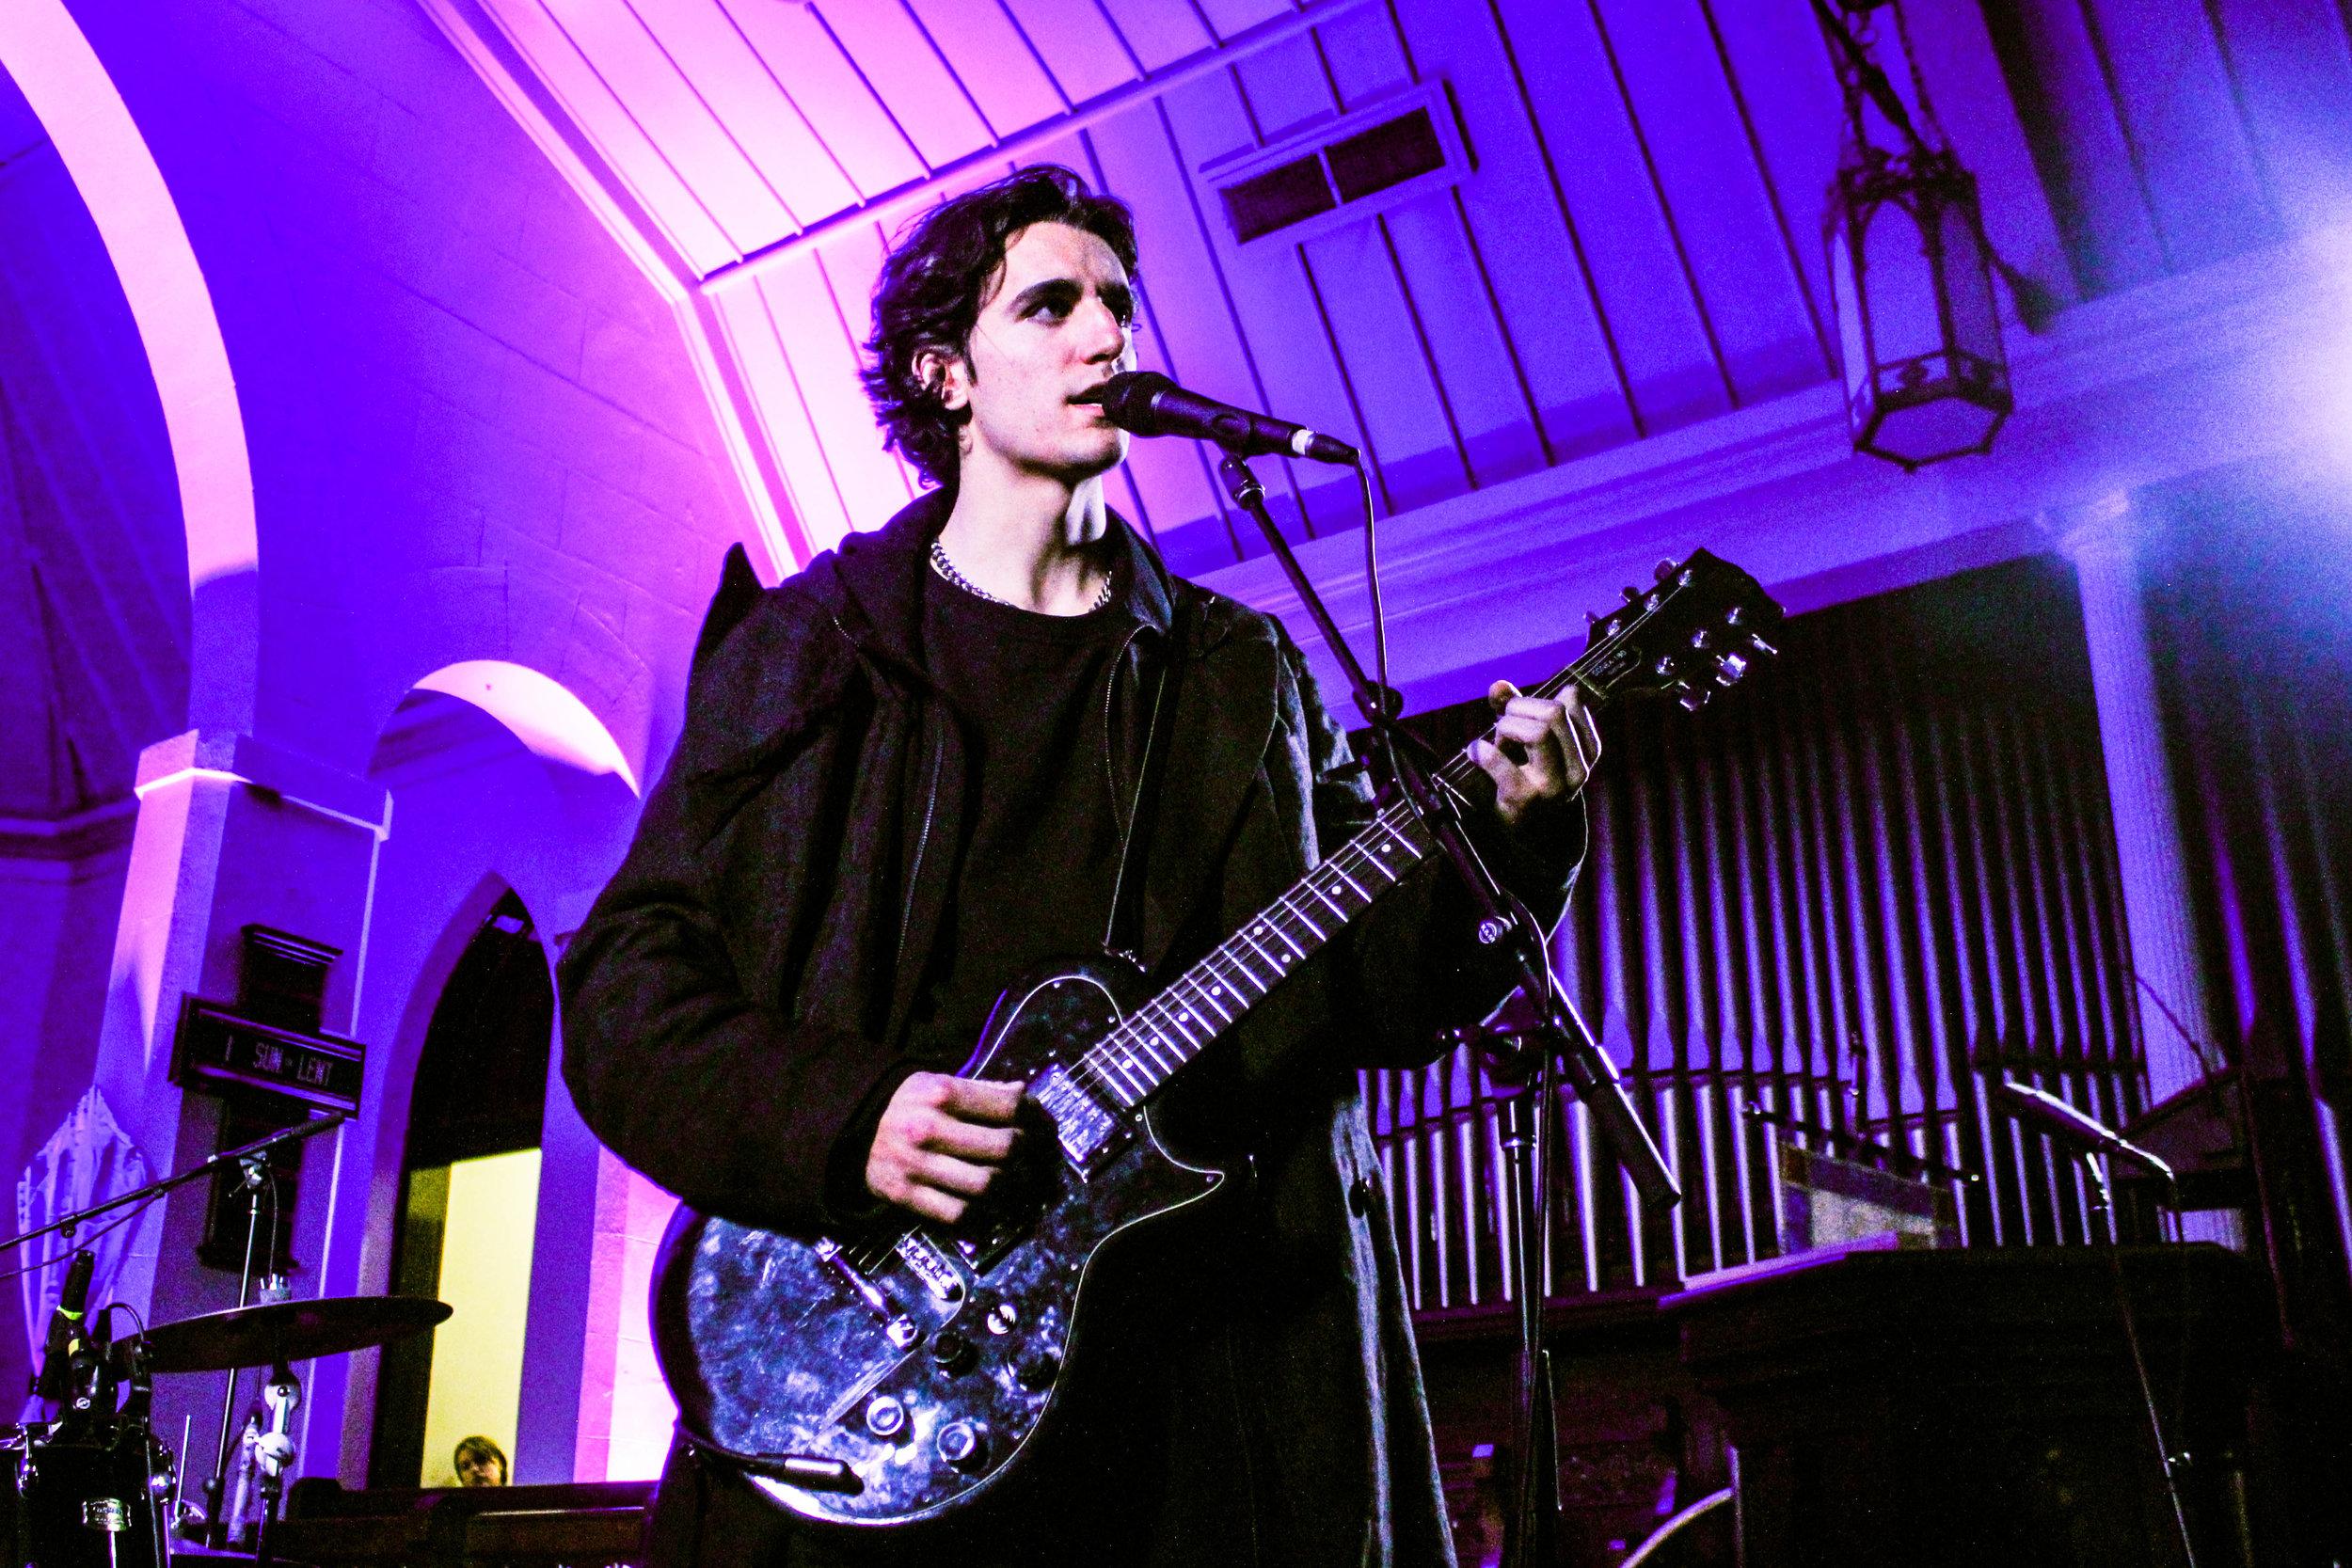 Photo © Concentus Music - Tamino at SXSW